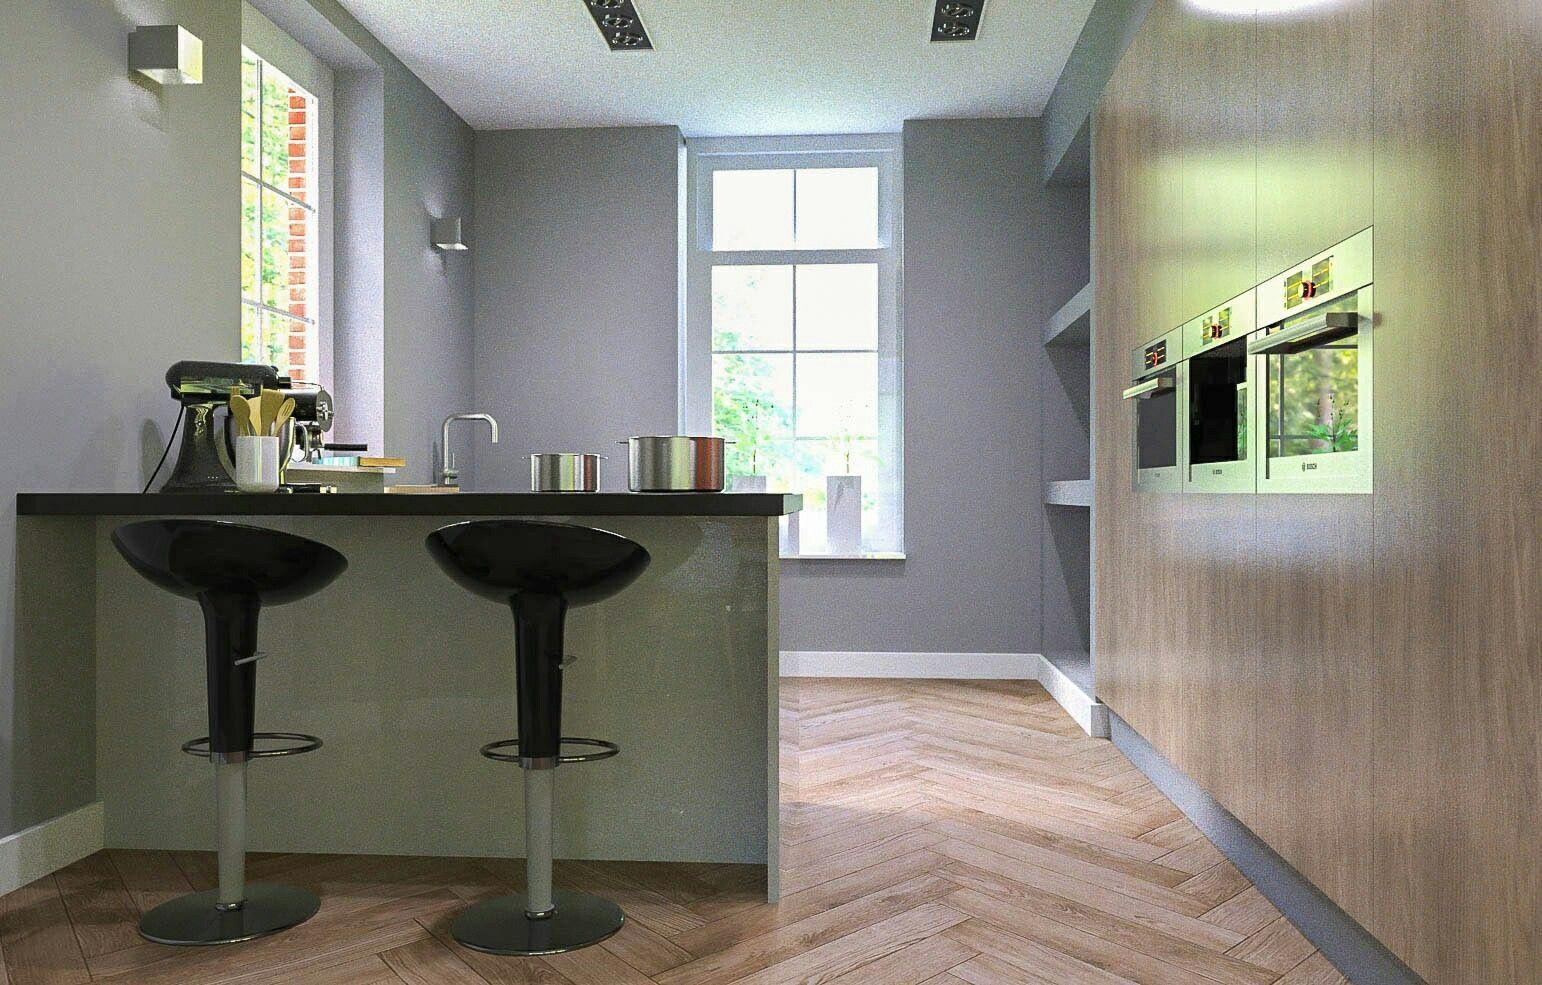 Keuken ontwerp 3d tekening Sketchup Thea render